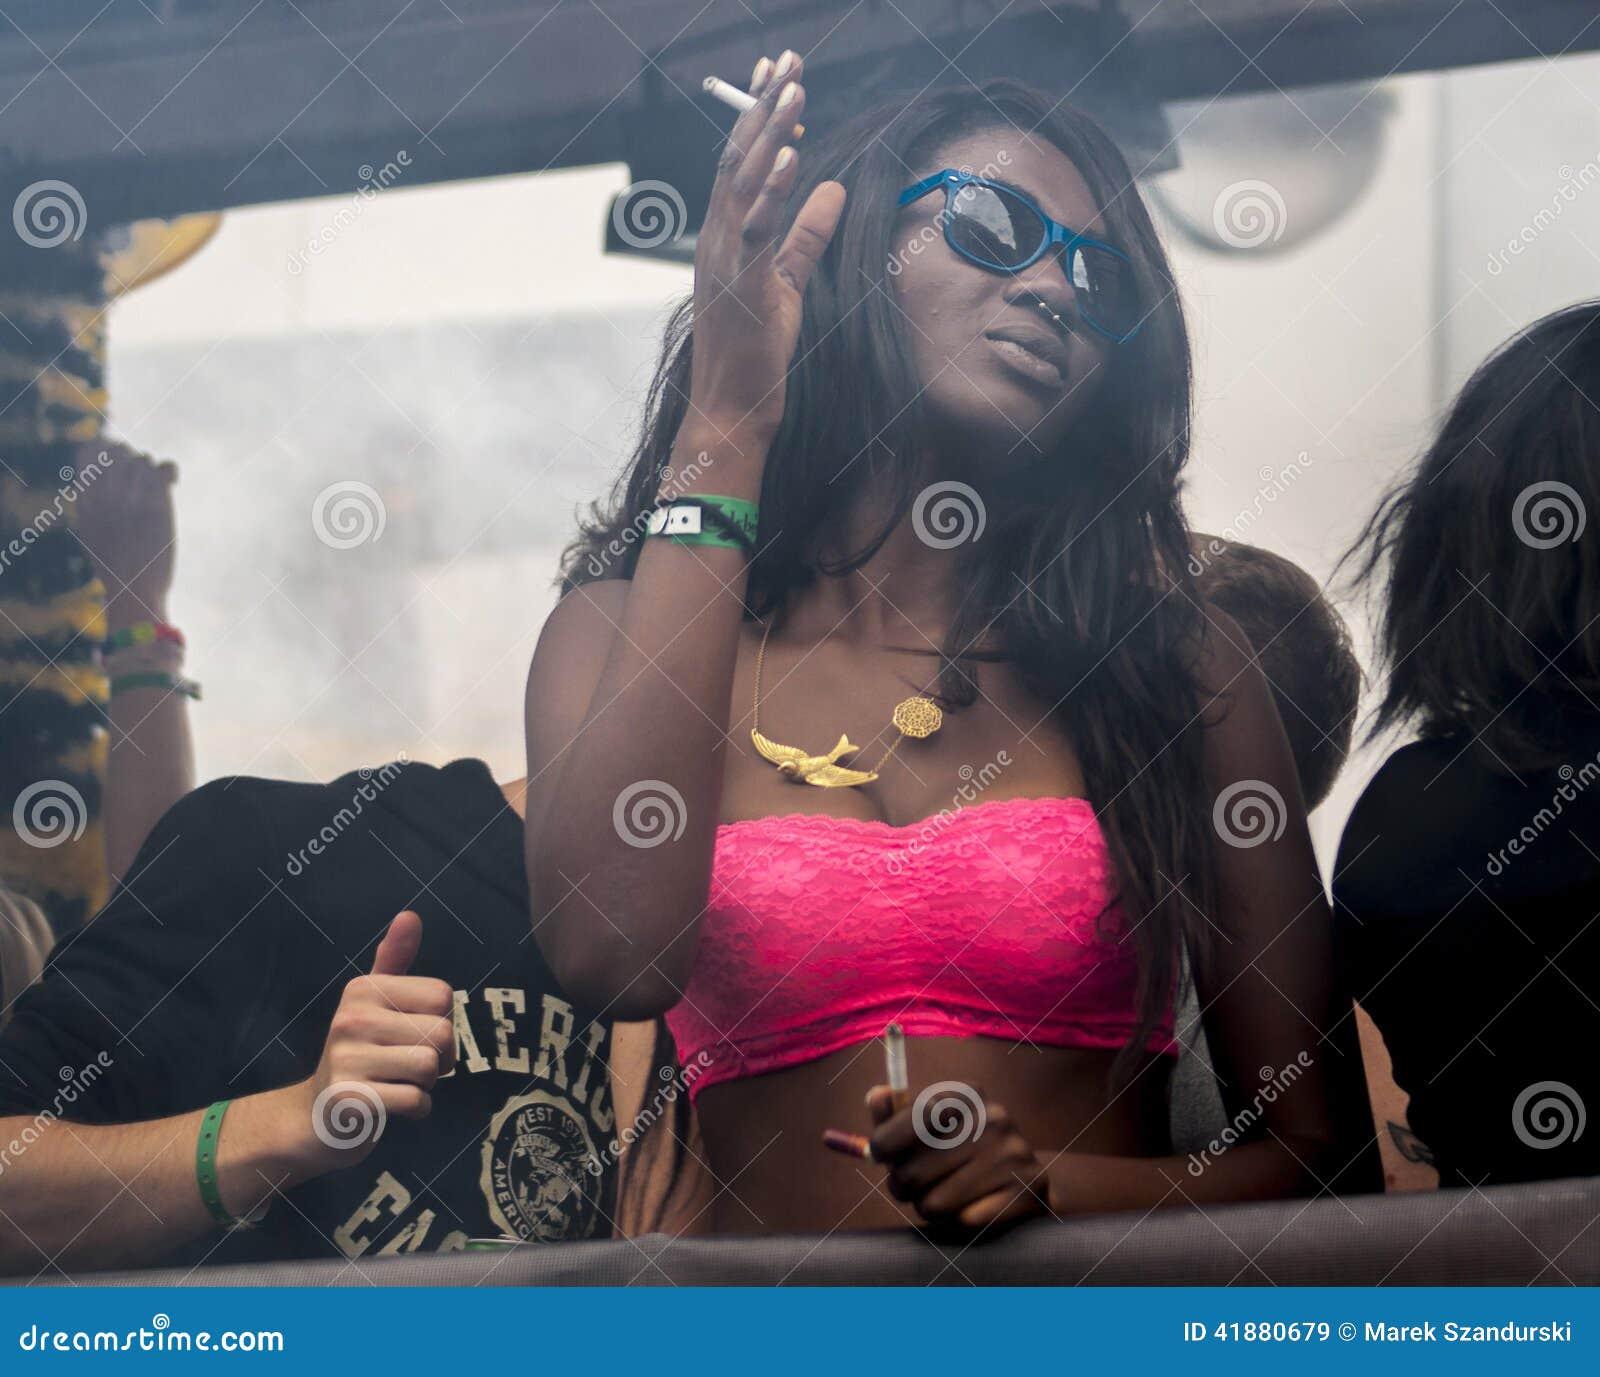 black girl in berlin